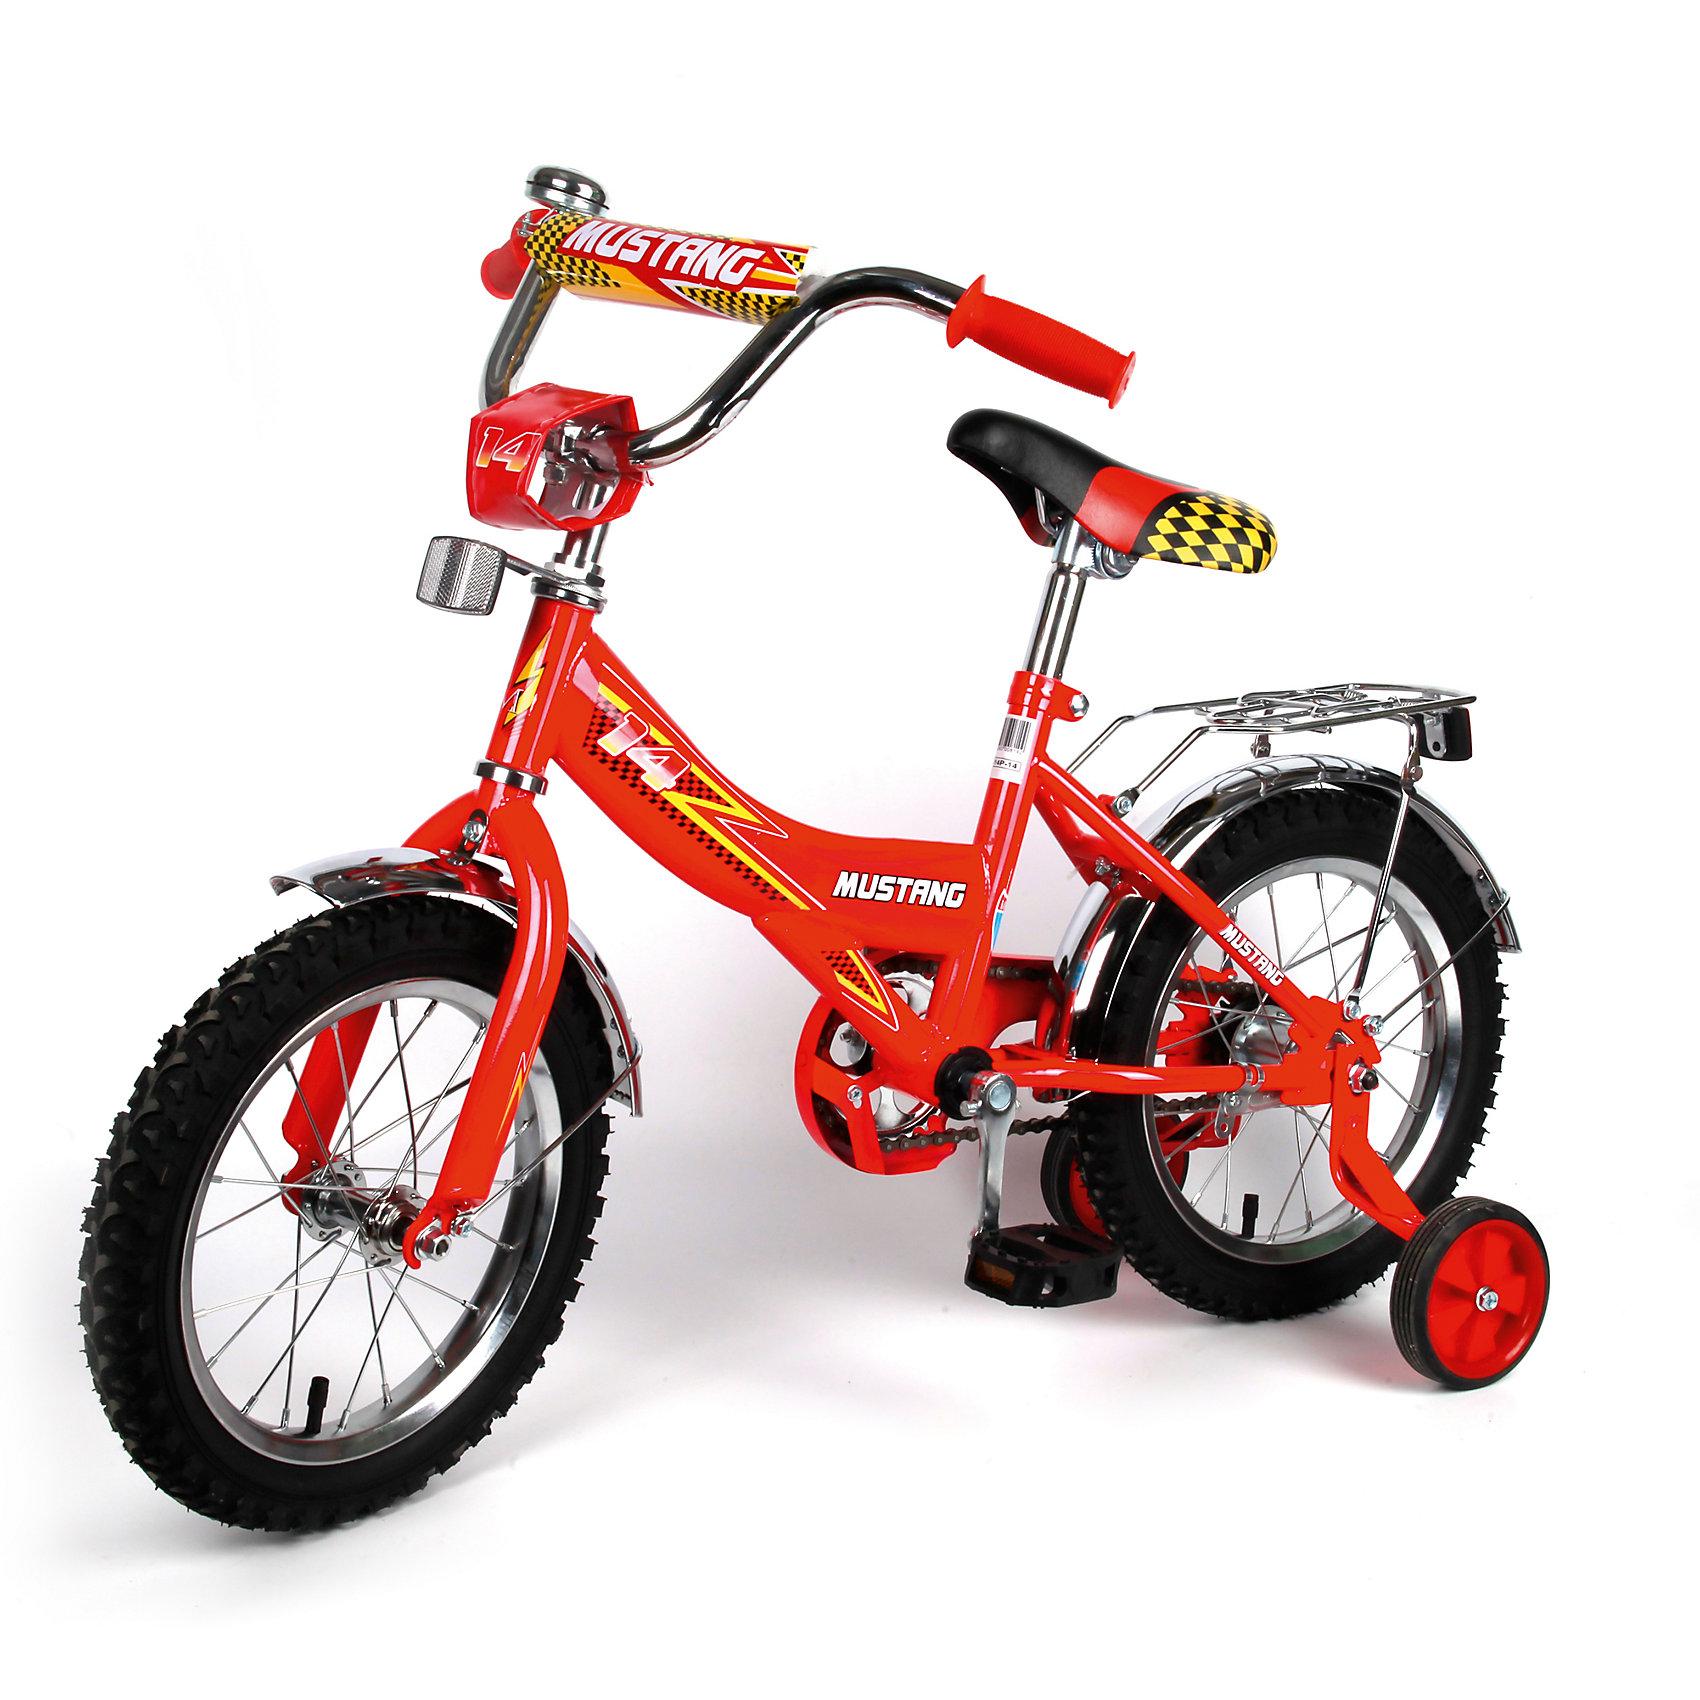 """Детский велосипед,  14"""",  красный, MustangВелосипеды детские<br>Характеристики товара:<br><br>• цвет: красный<br>• низкая Push-рама<br>• диаметр колес: 35 см (14)<br>• 1 скорость<br>• задний ножной тормоз<br>• регулируемый хромированный руль BMX с защитной накладкой<br>• багажник<br>• звонок<br>• приставные пластиковые колеса с усиленным кронштейном<br>• ограничитель поворота руля<br>• полная защита цепи """"Р"""" типа<br>• вес: 10,5 кг<br>• размер в собранном виде: 100х50х68 см<br>• допустимый вес: до 30 кг<br>• рекомендуемый возраст: от 3 лет<br>• страна производства: Китай<br><br>Велосипед детский «Mustang» 14 можно купить в нашем магазине.<br><br>Ширина мм: 500<br>Глубина мм: 680<br>Высота мм: 1000<br>Вес г: 10500<br>Возраст от месяцев: 36<br>Возраст до месяцев: 72<br>Пол: Женский<br>Возраст: Детский<br>SKU: 5526382"""